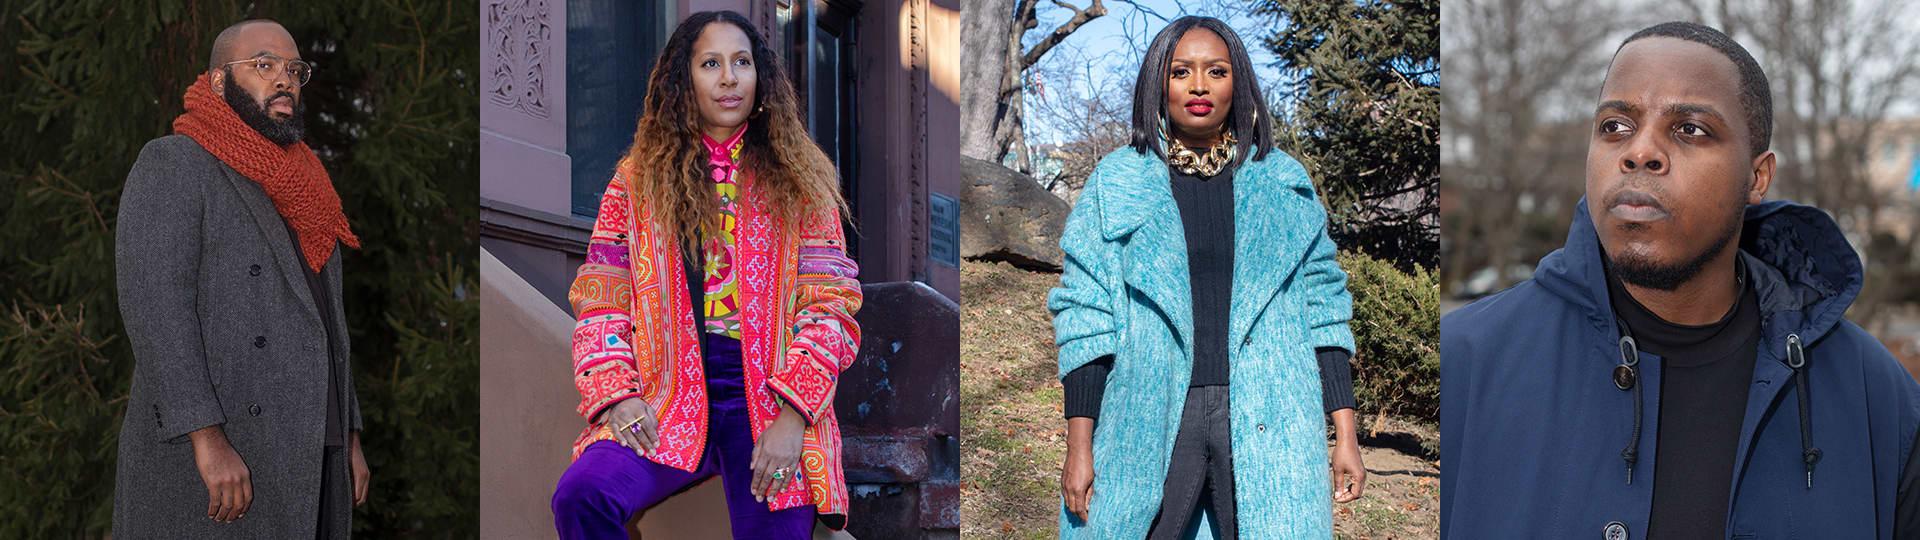 Temas carta de amor em seus bairros em New York City, a experiência em preto em NYC